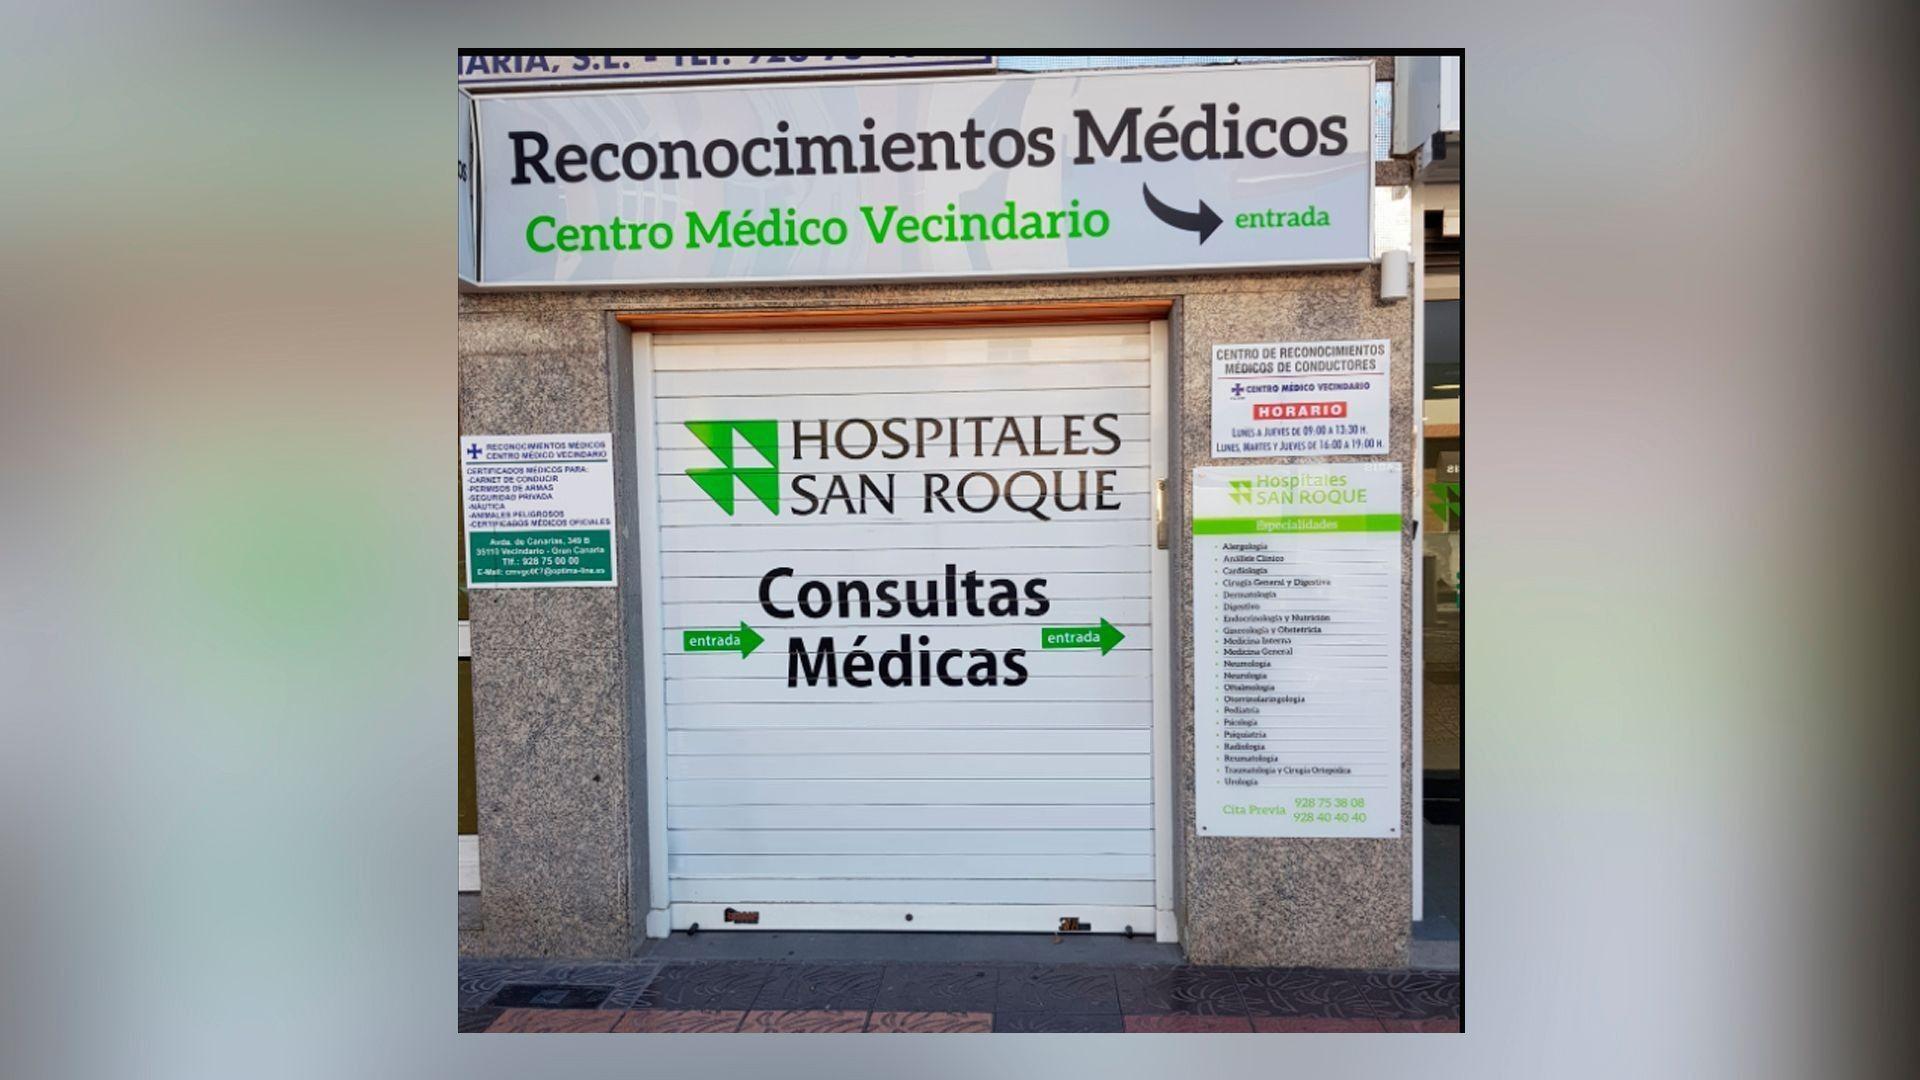 Reconocimientos médicos en Canarias